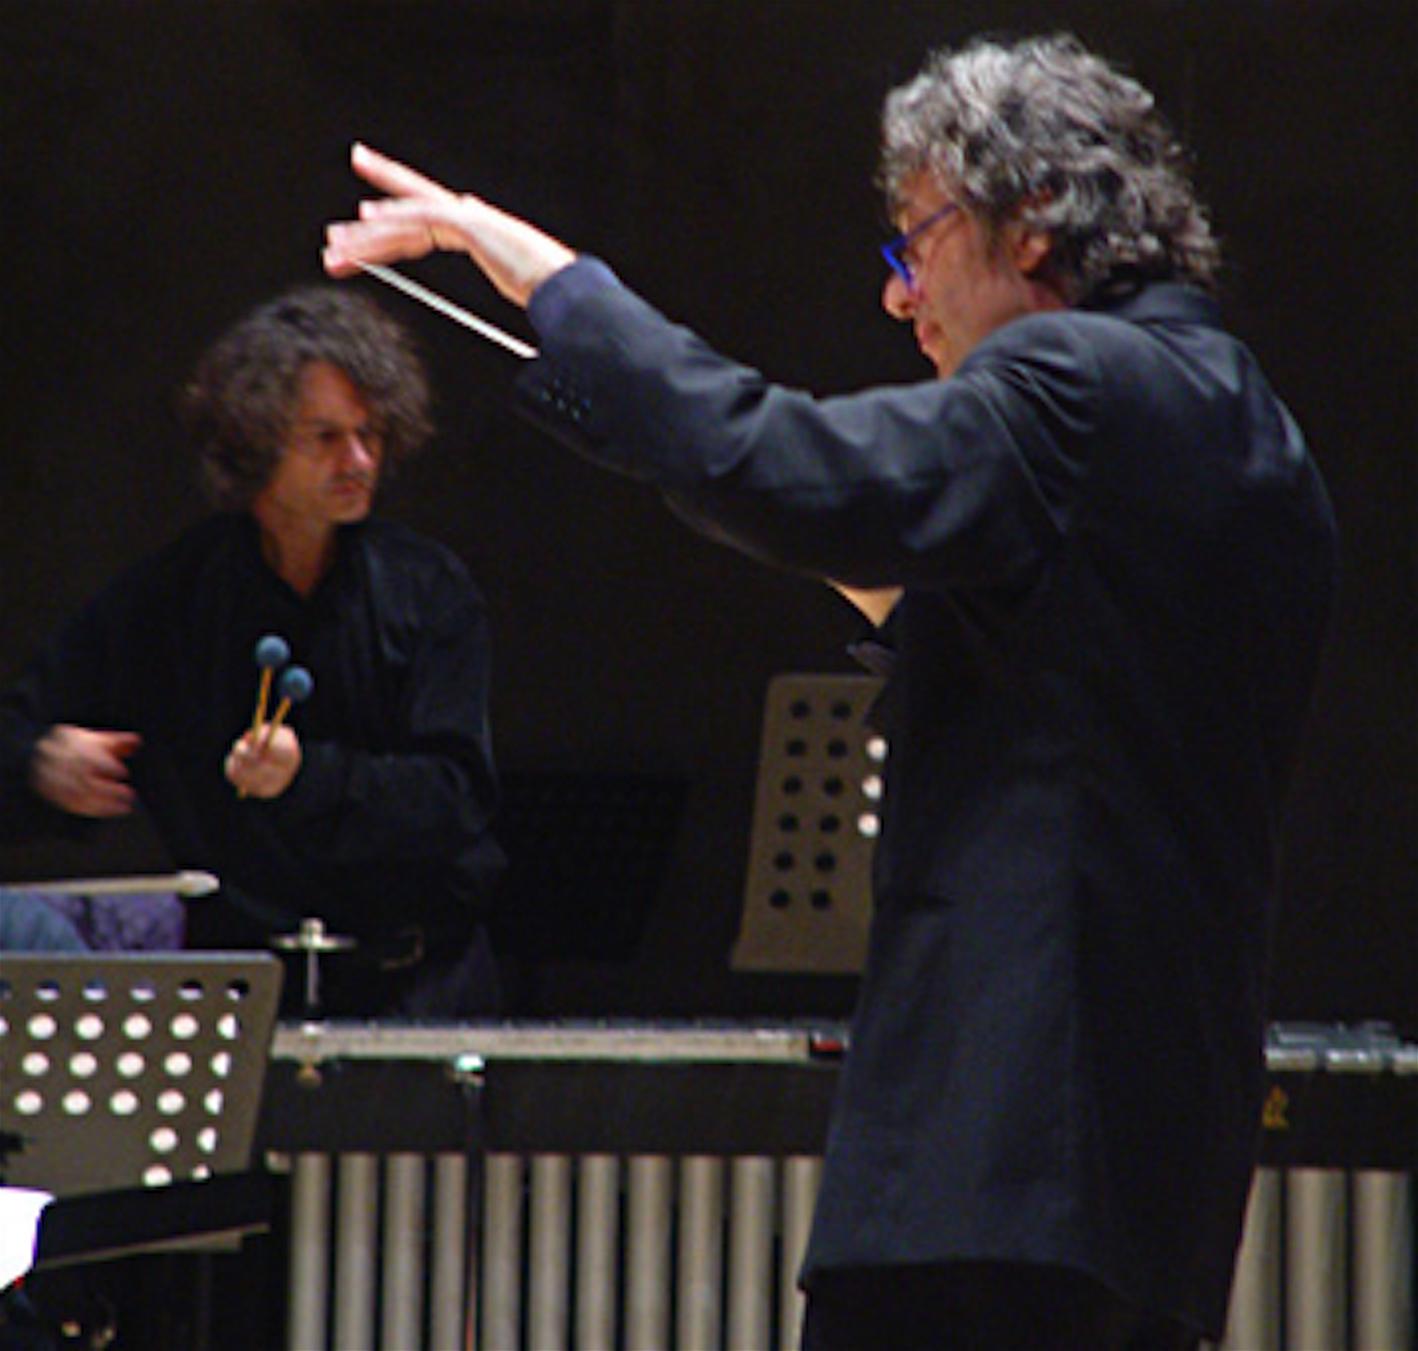 THIERRY MIROGLIO E ALBERTO CAPRIOLI, PHOTO SETTEMBRE MUSICA, 2006